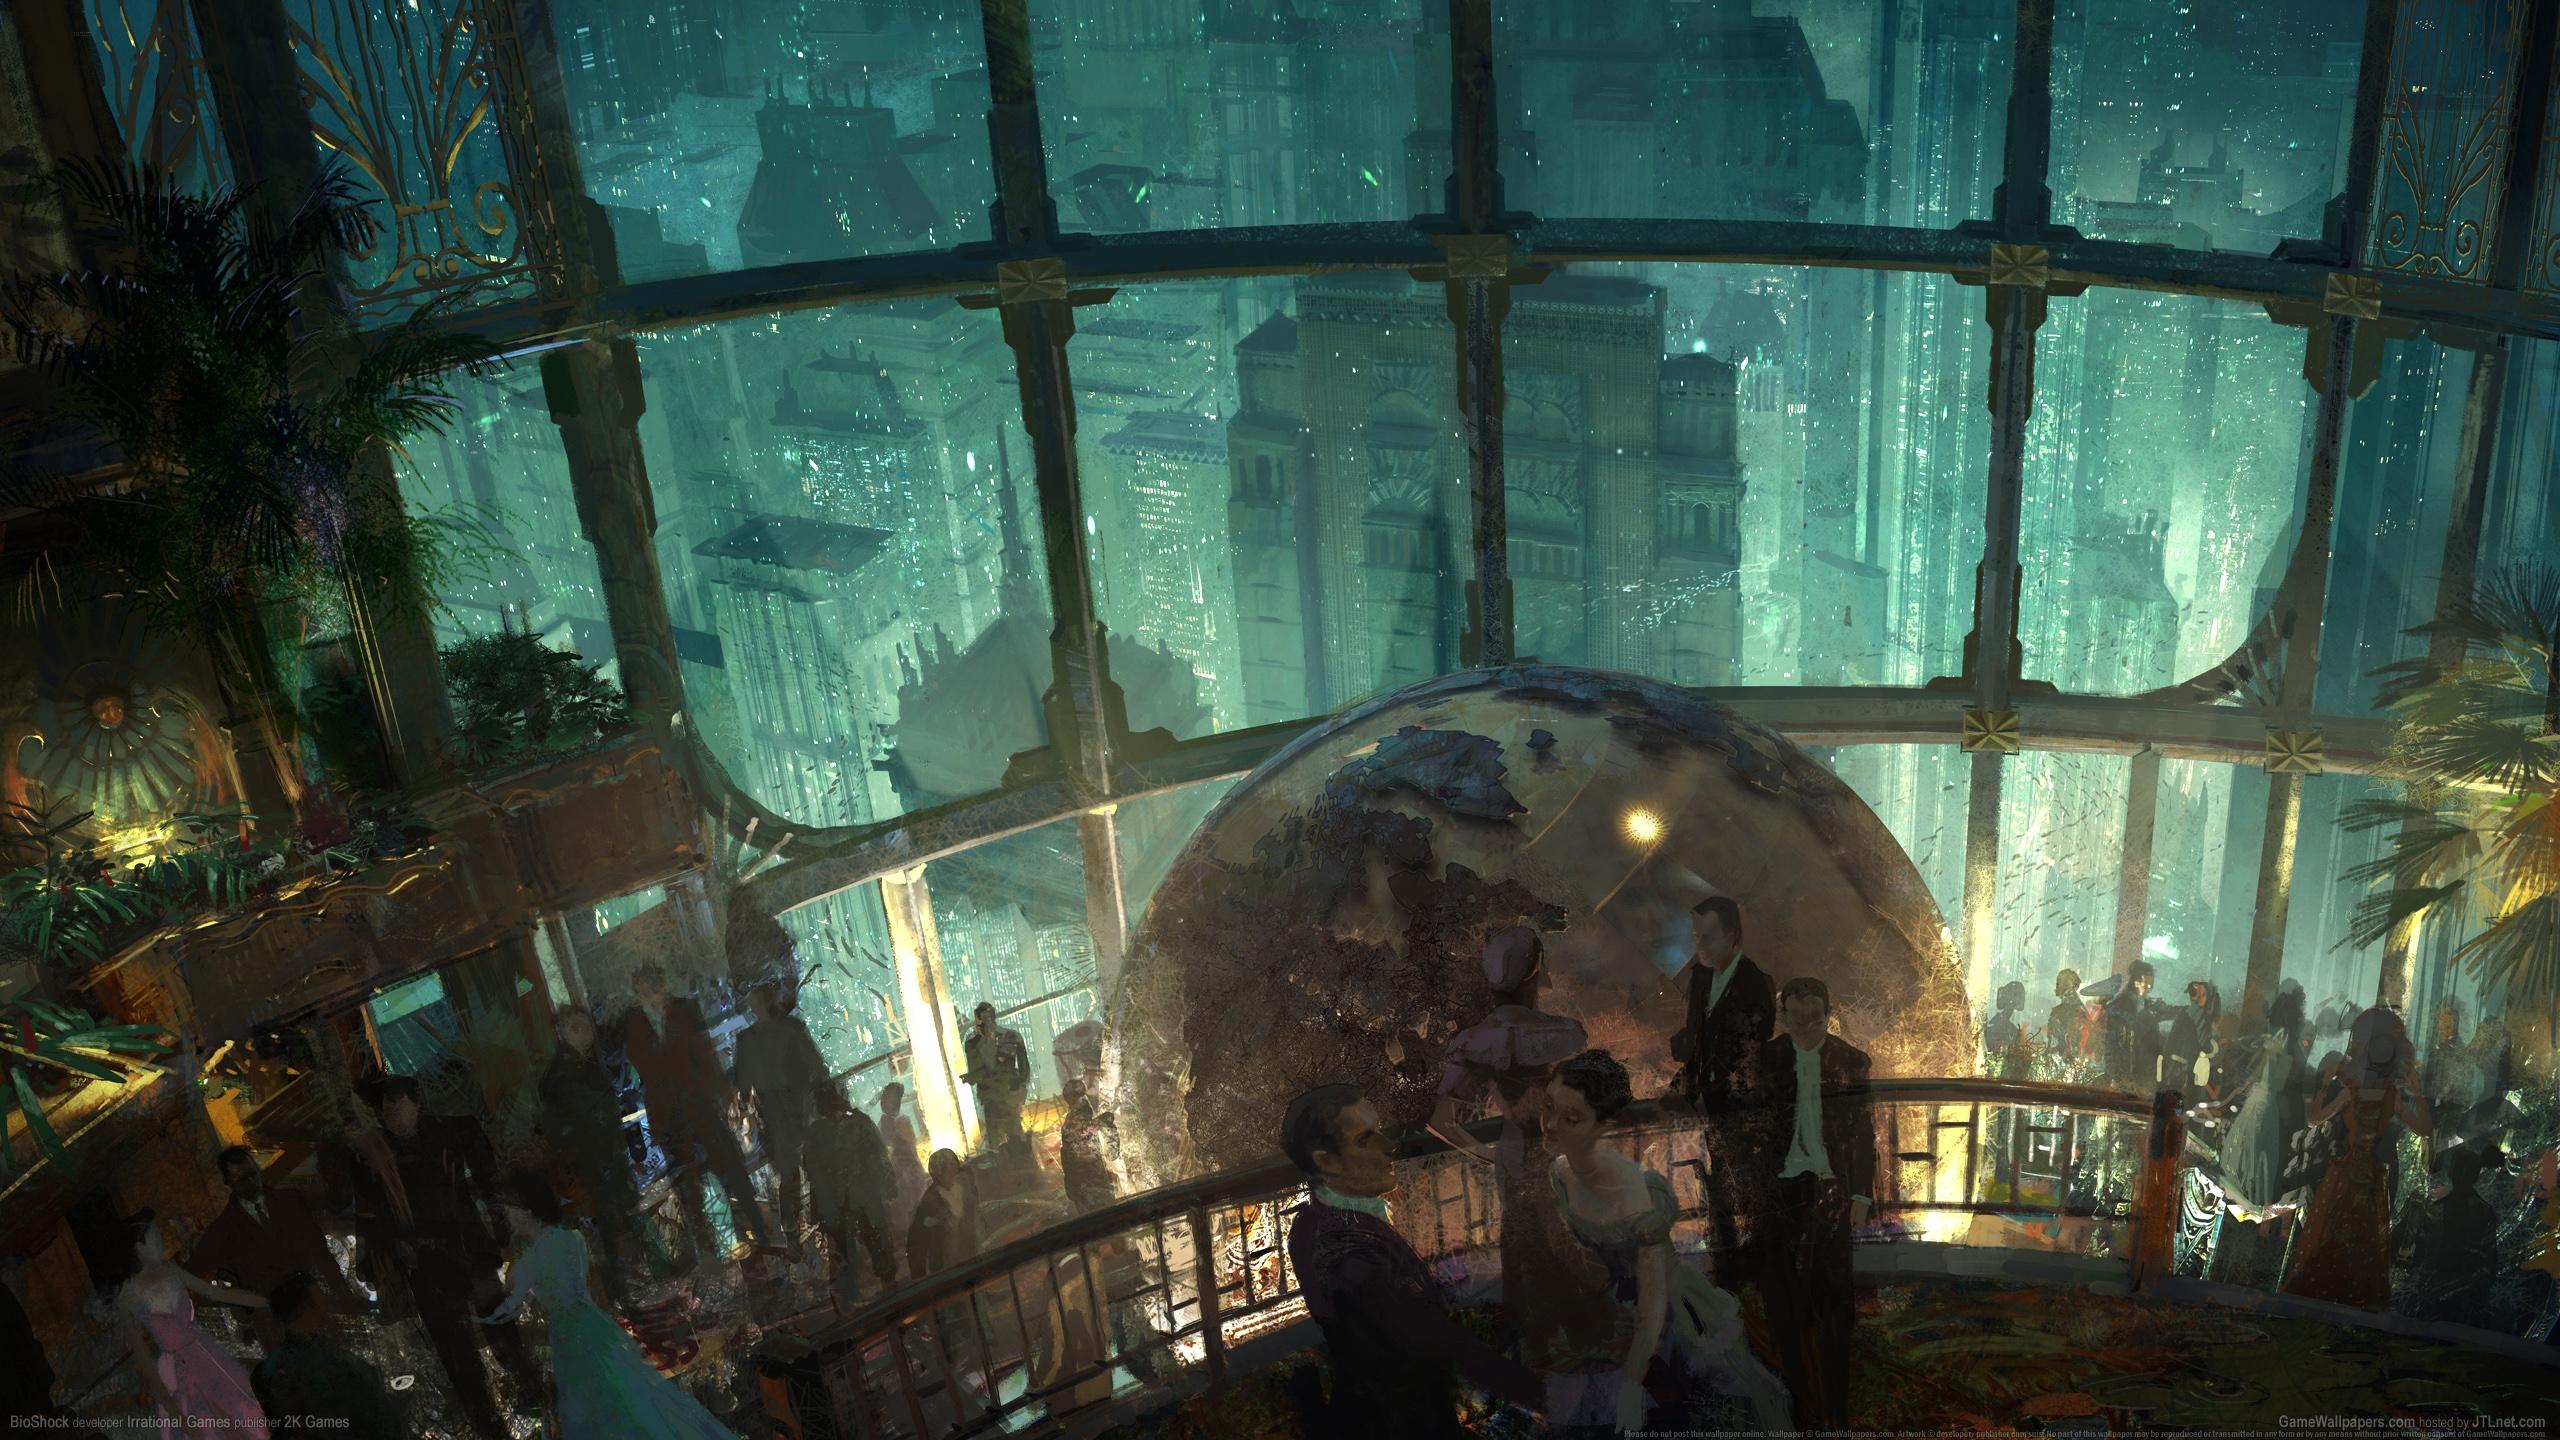 BioShock 2560x1440 fond d'écran 06